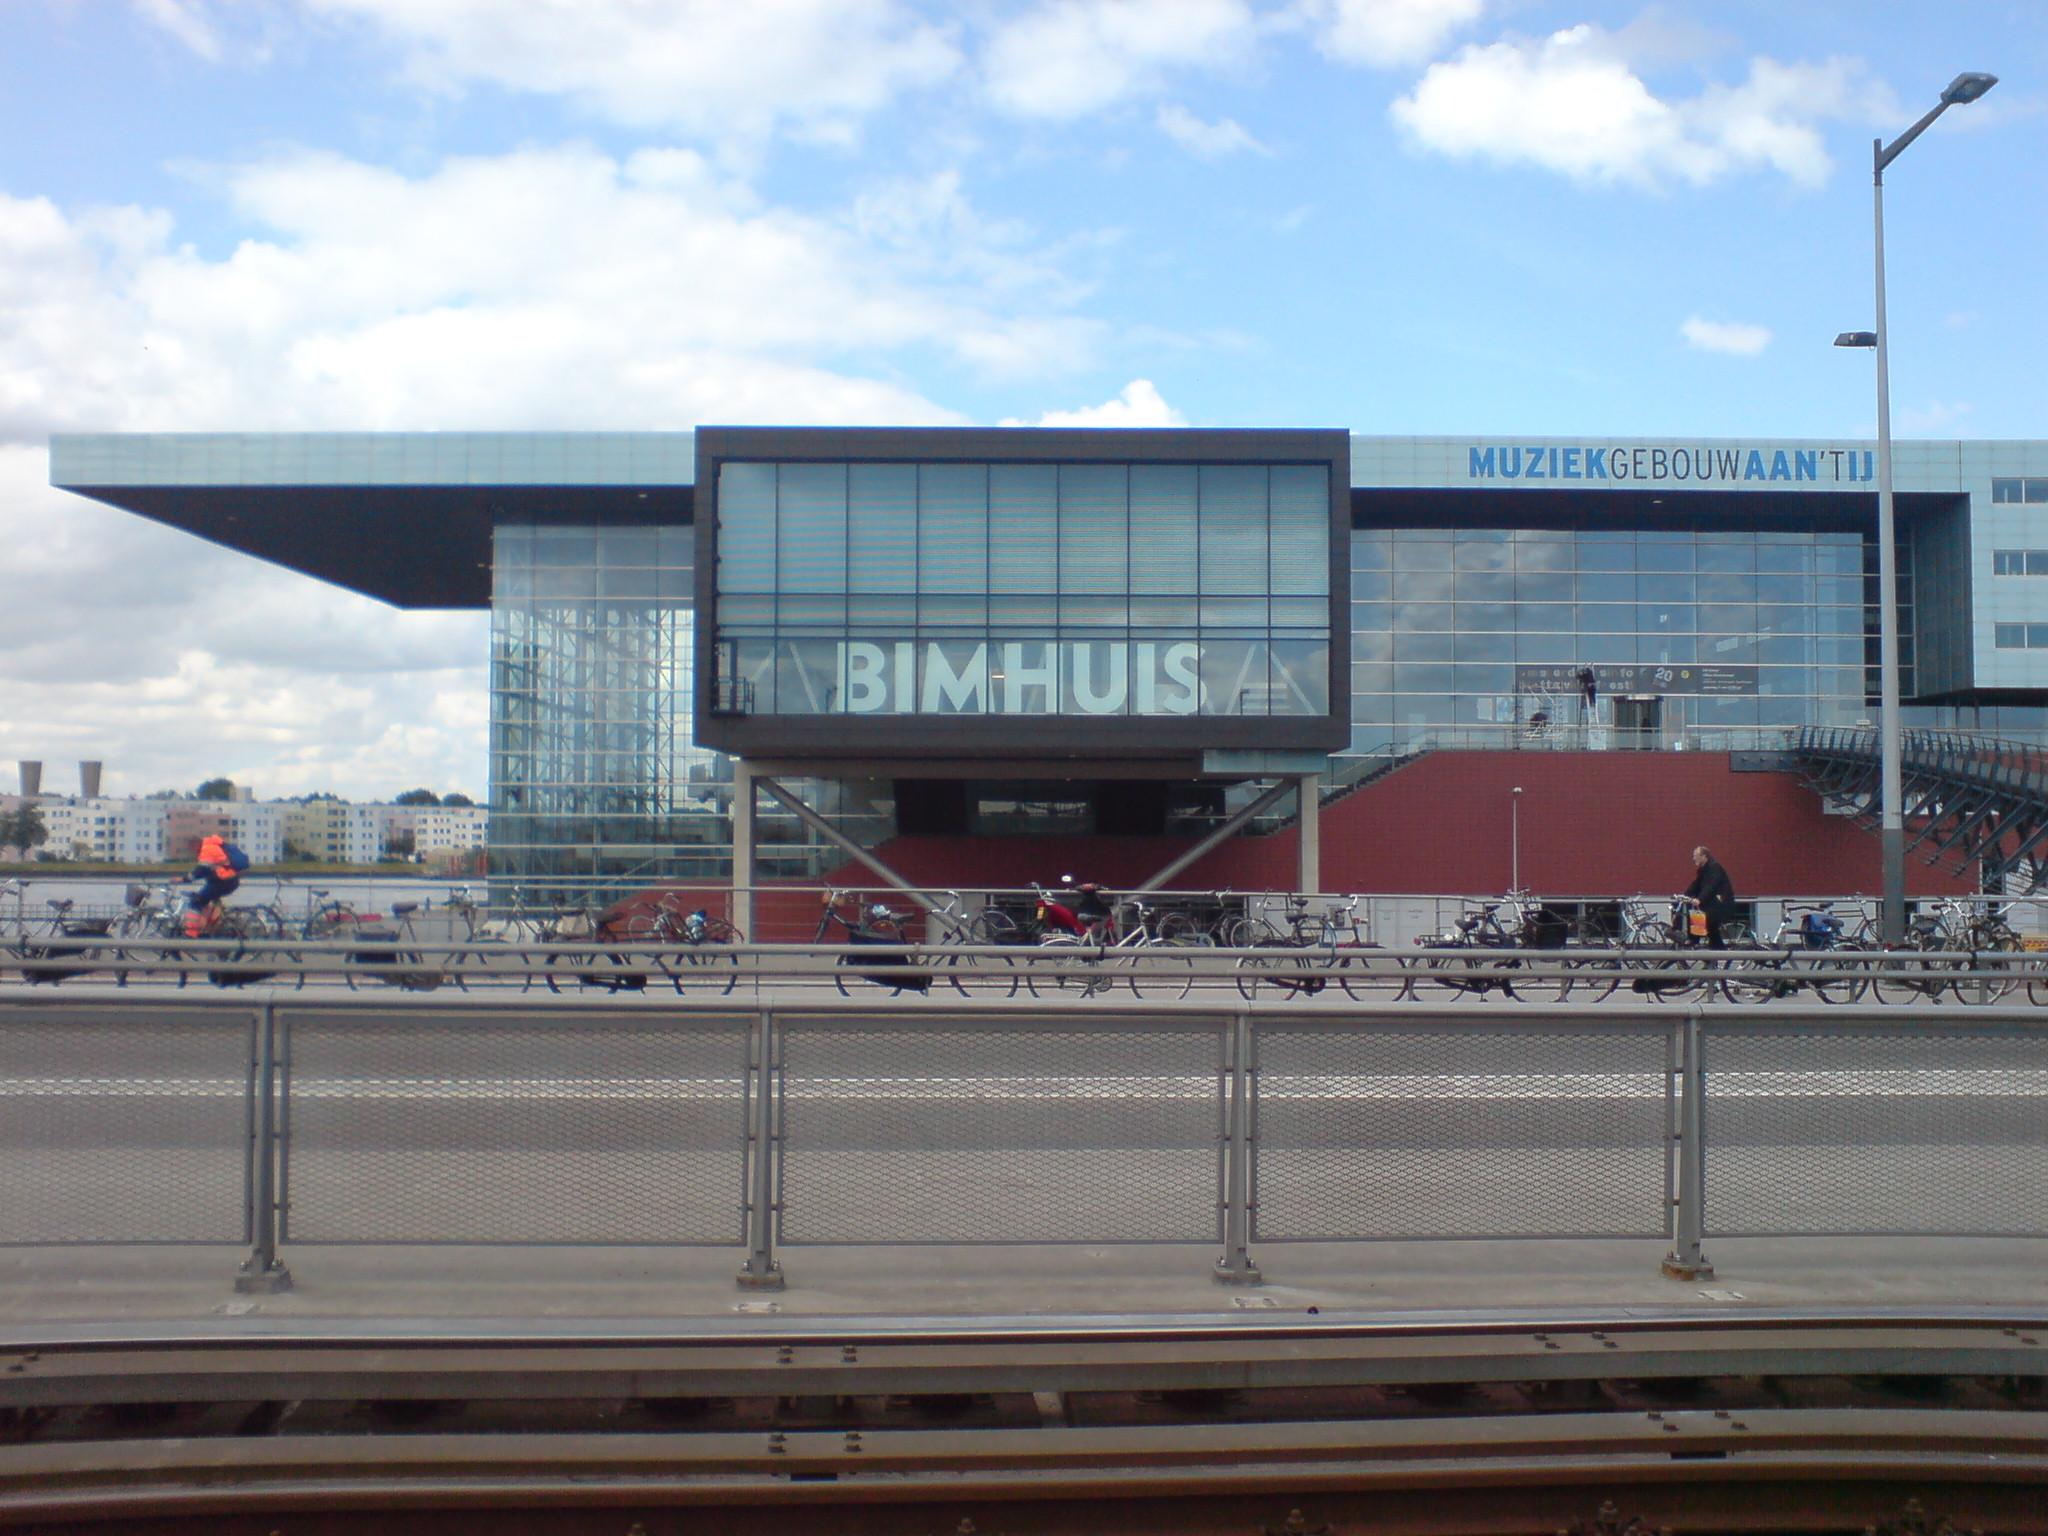 Bimhuis